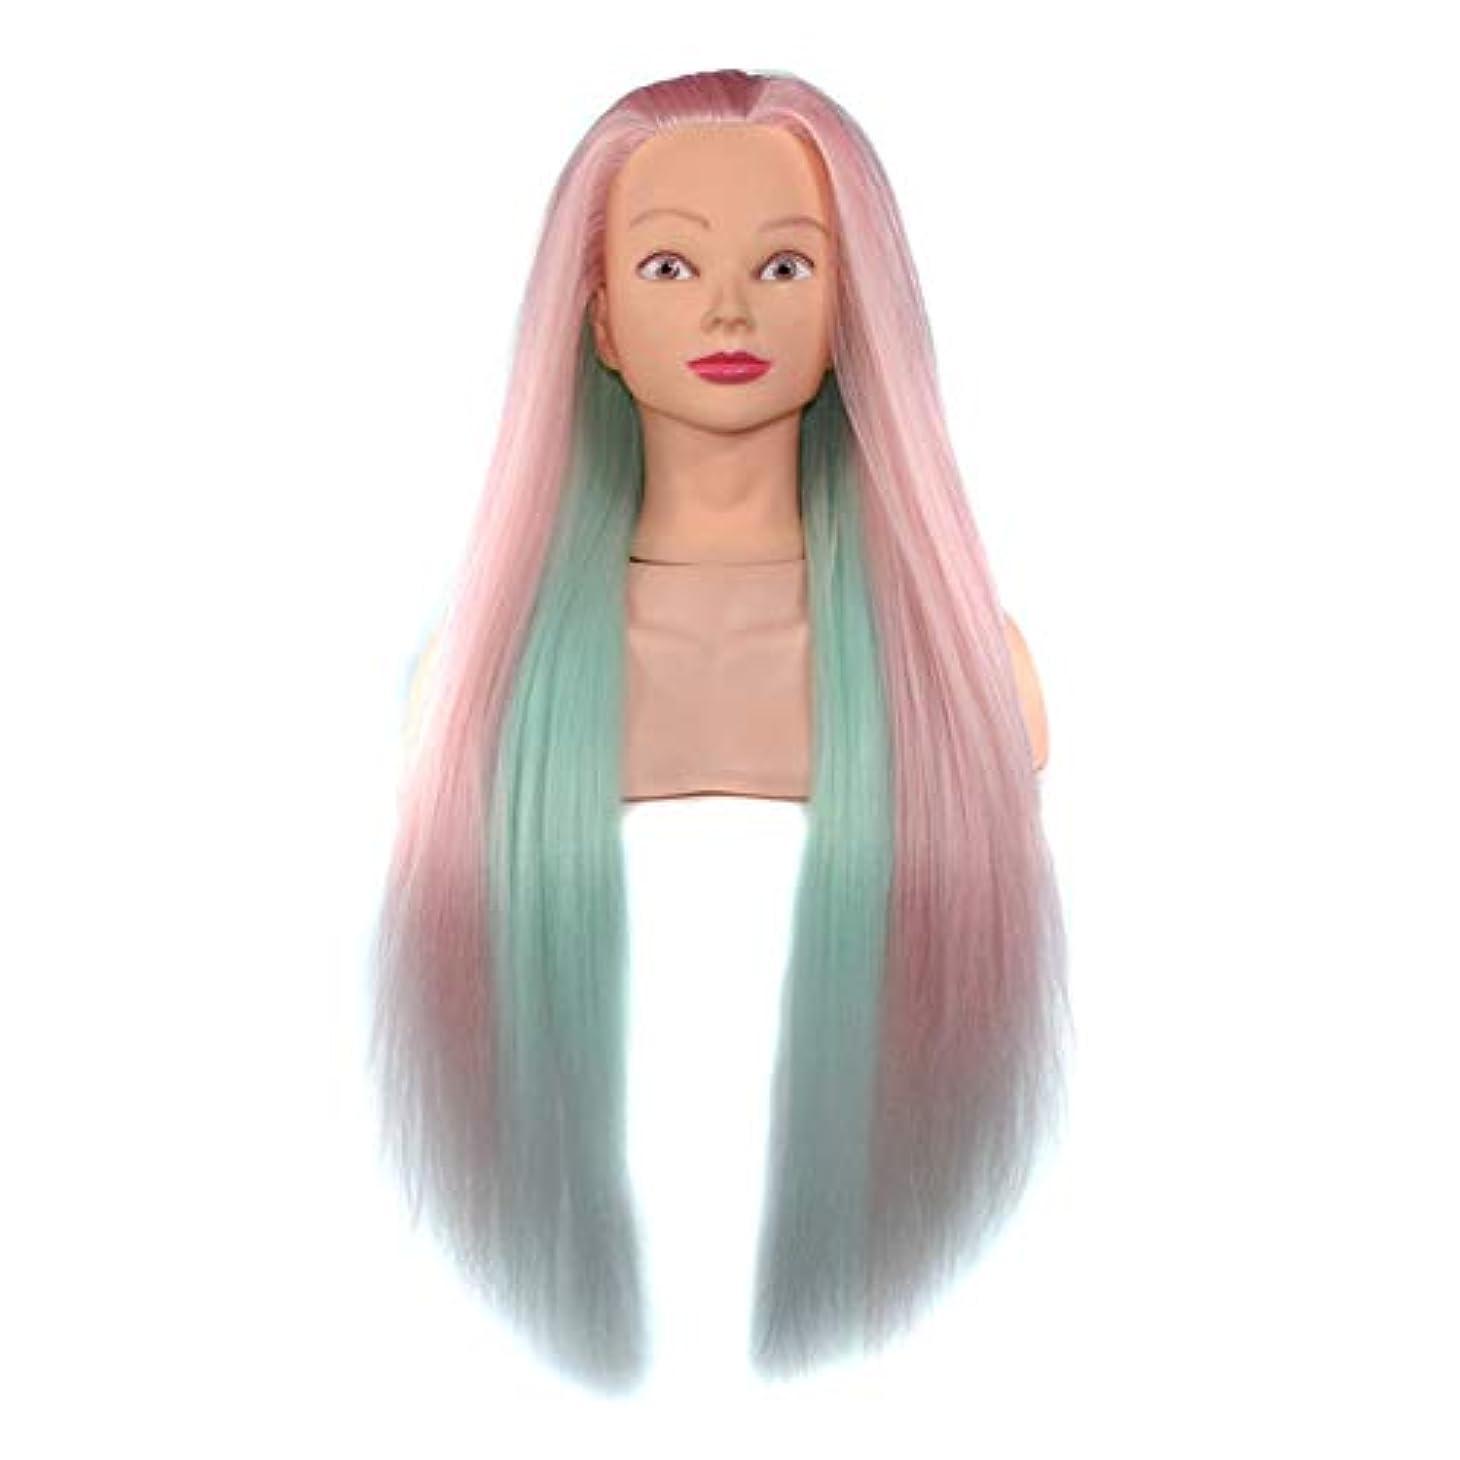 結核不忠不道徳ヘアスタイリング練習ディスクヘア学習ヘッドモデル美容院高温ワイヤートレーニングヘッドマネキン人形ヘッド